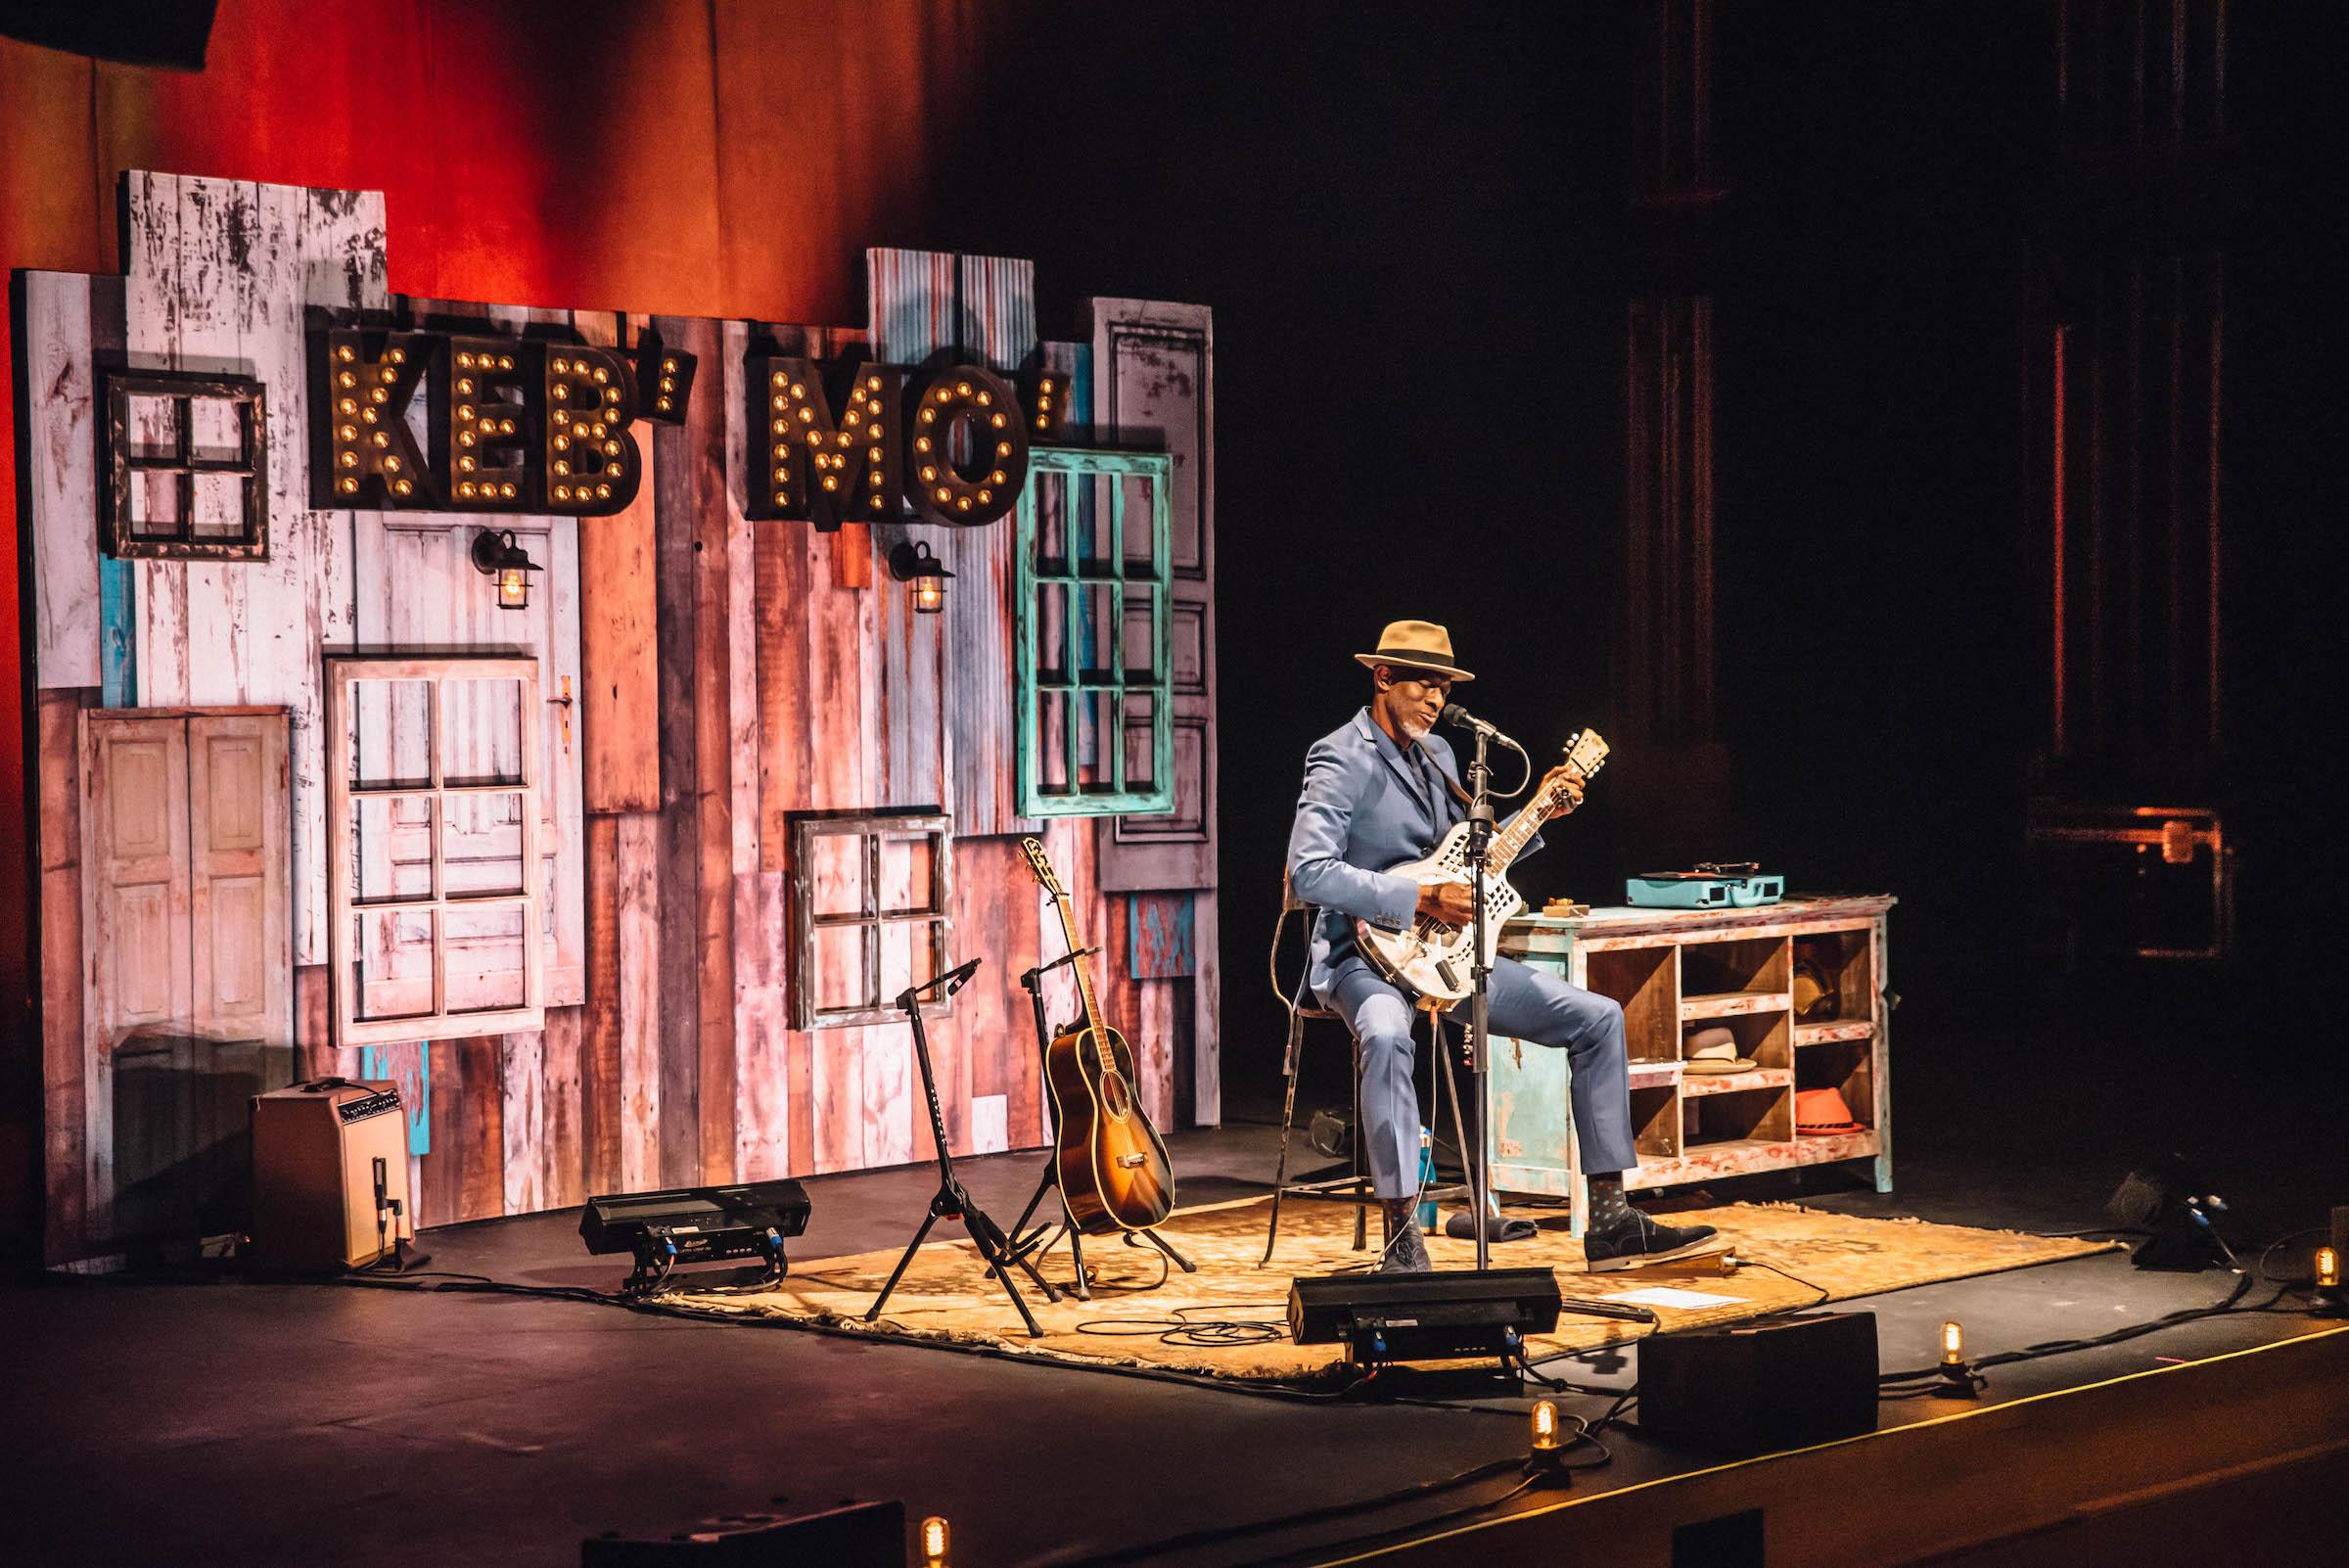 Keb' Mo On Stage